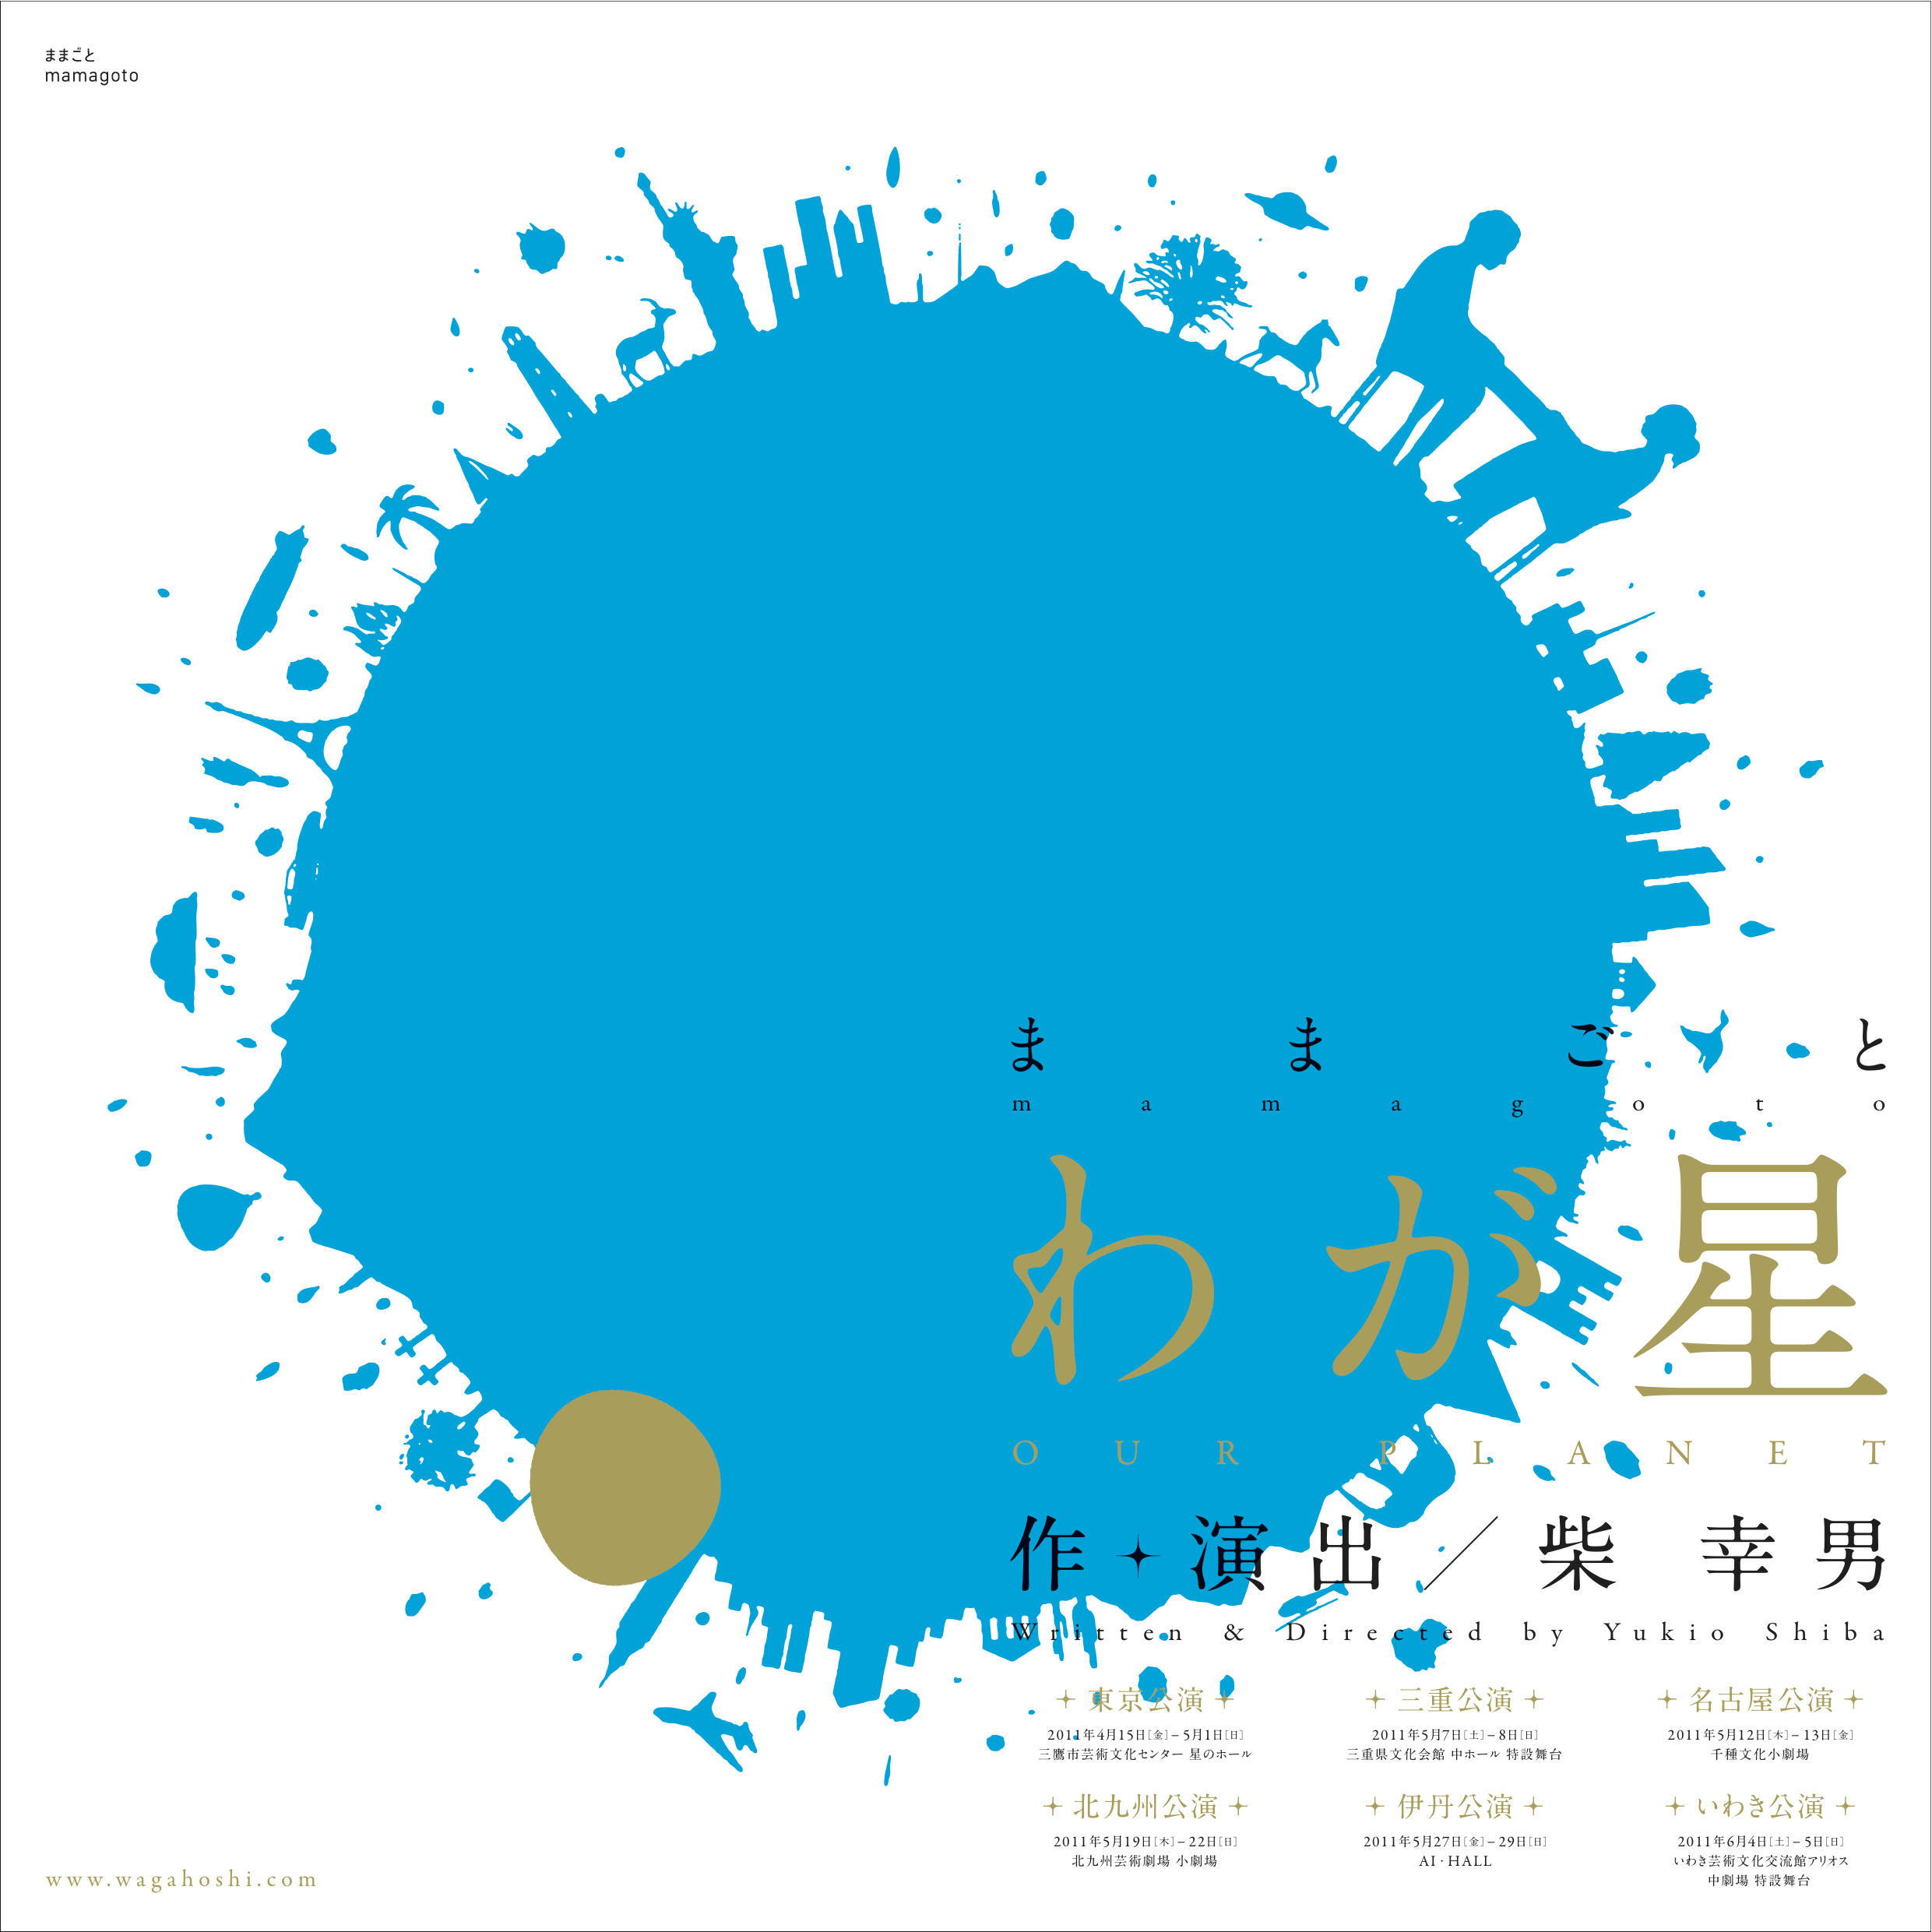 『わが星<small> -TOUR-</small>』 チラシ画像